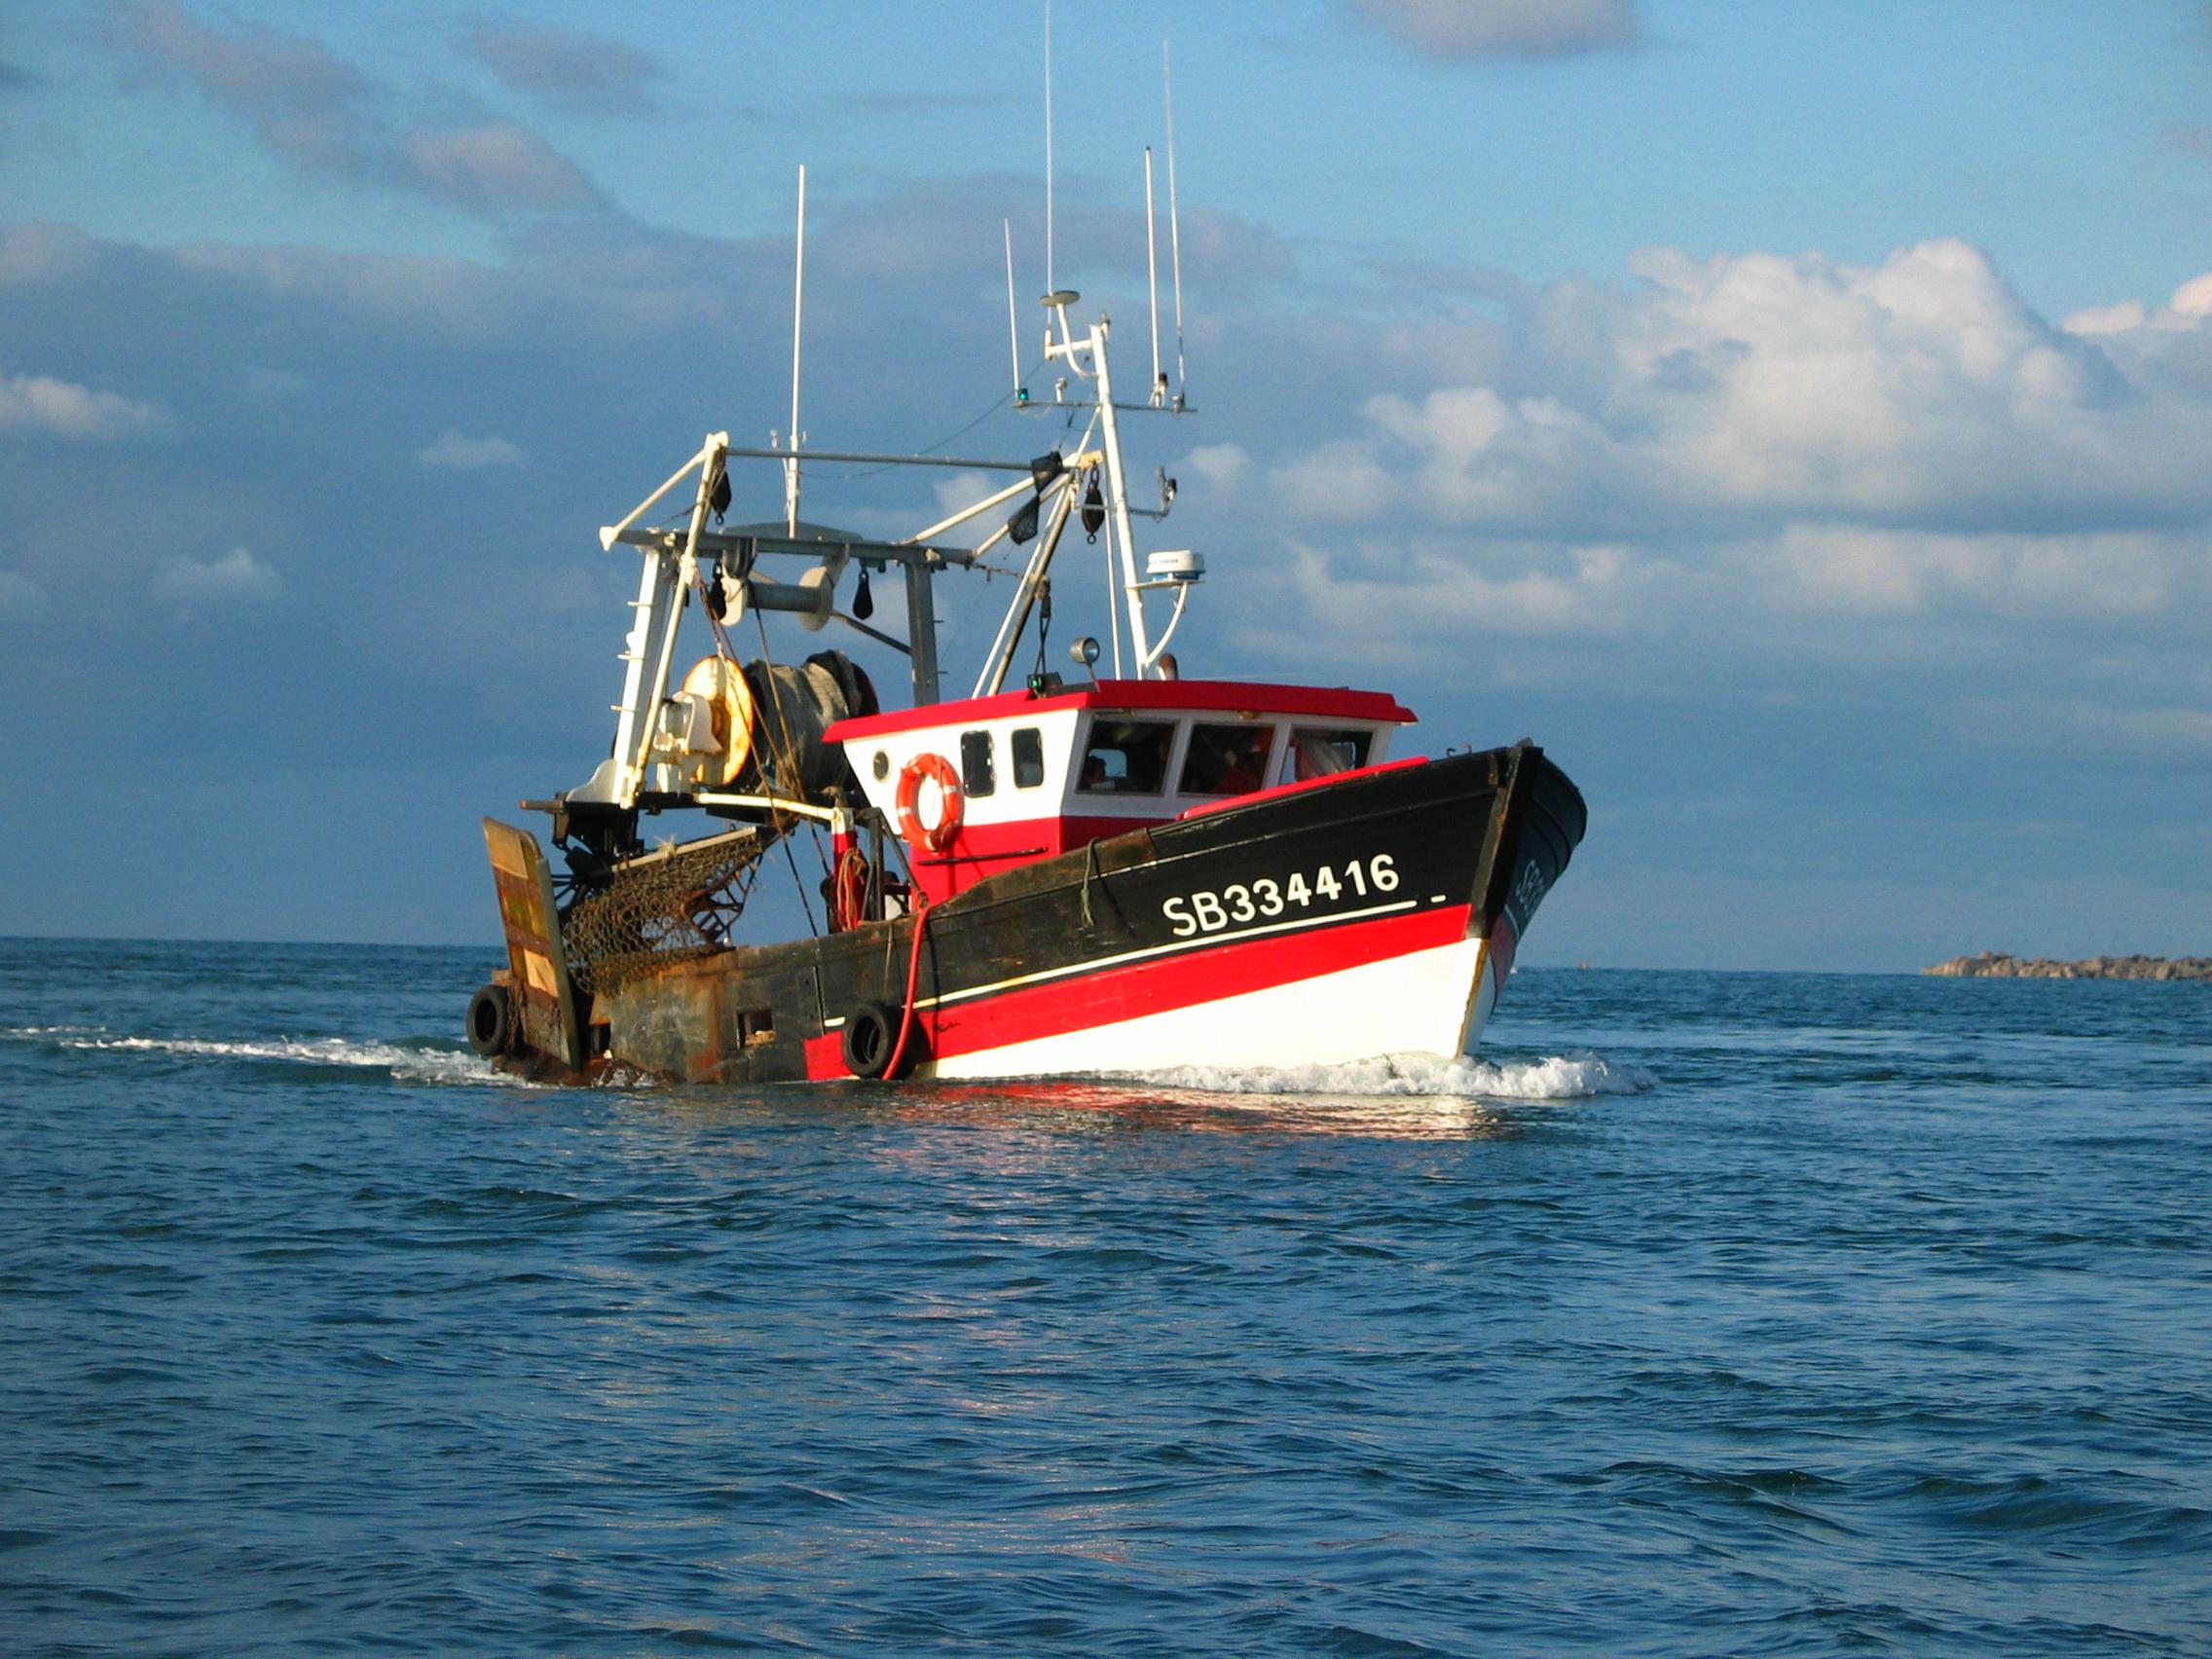 что разновидность рыболовных судов в картинках для вас очередную